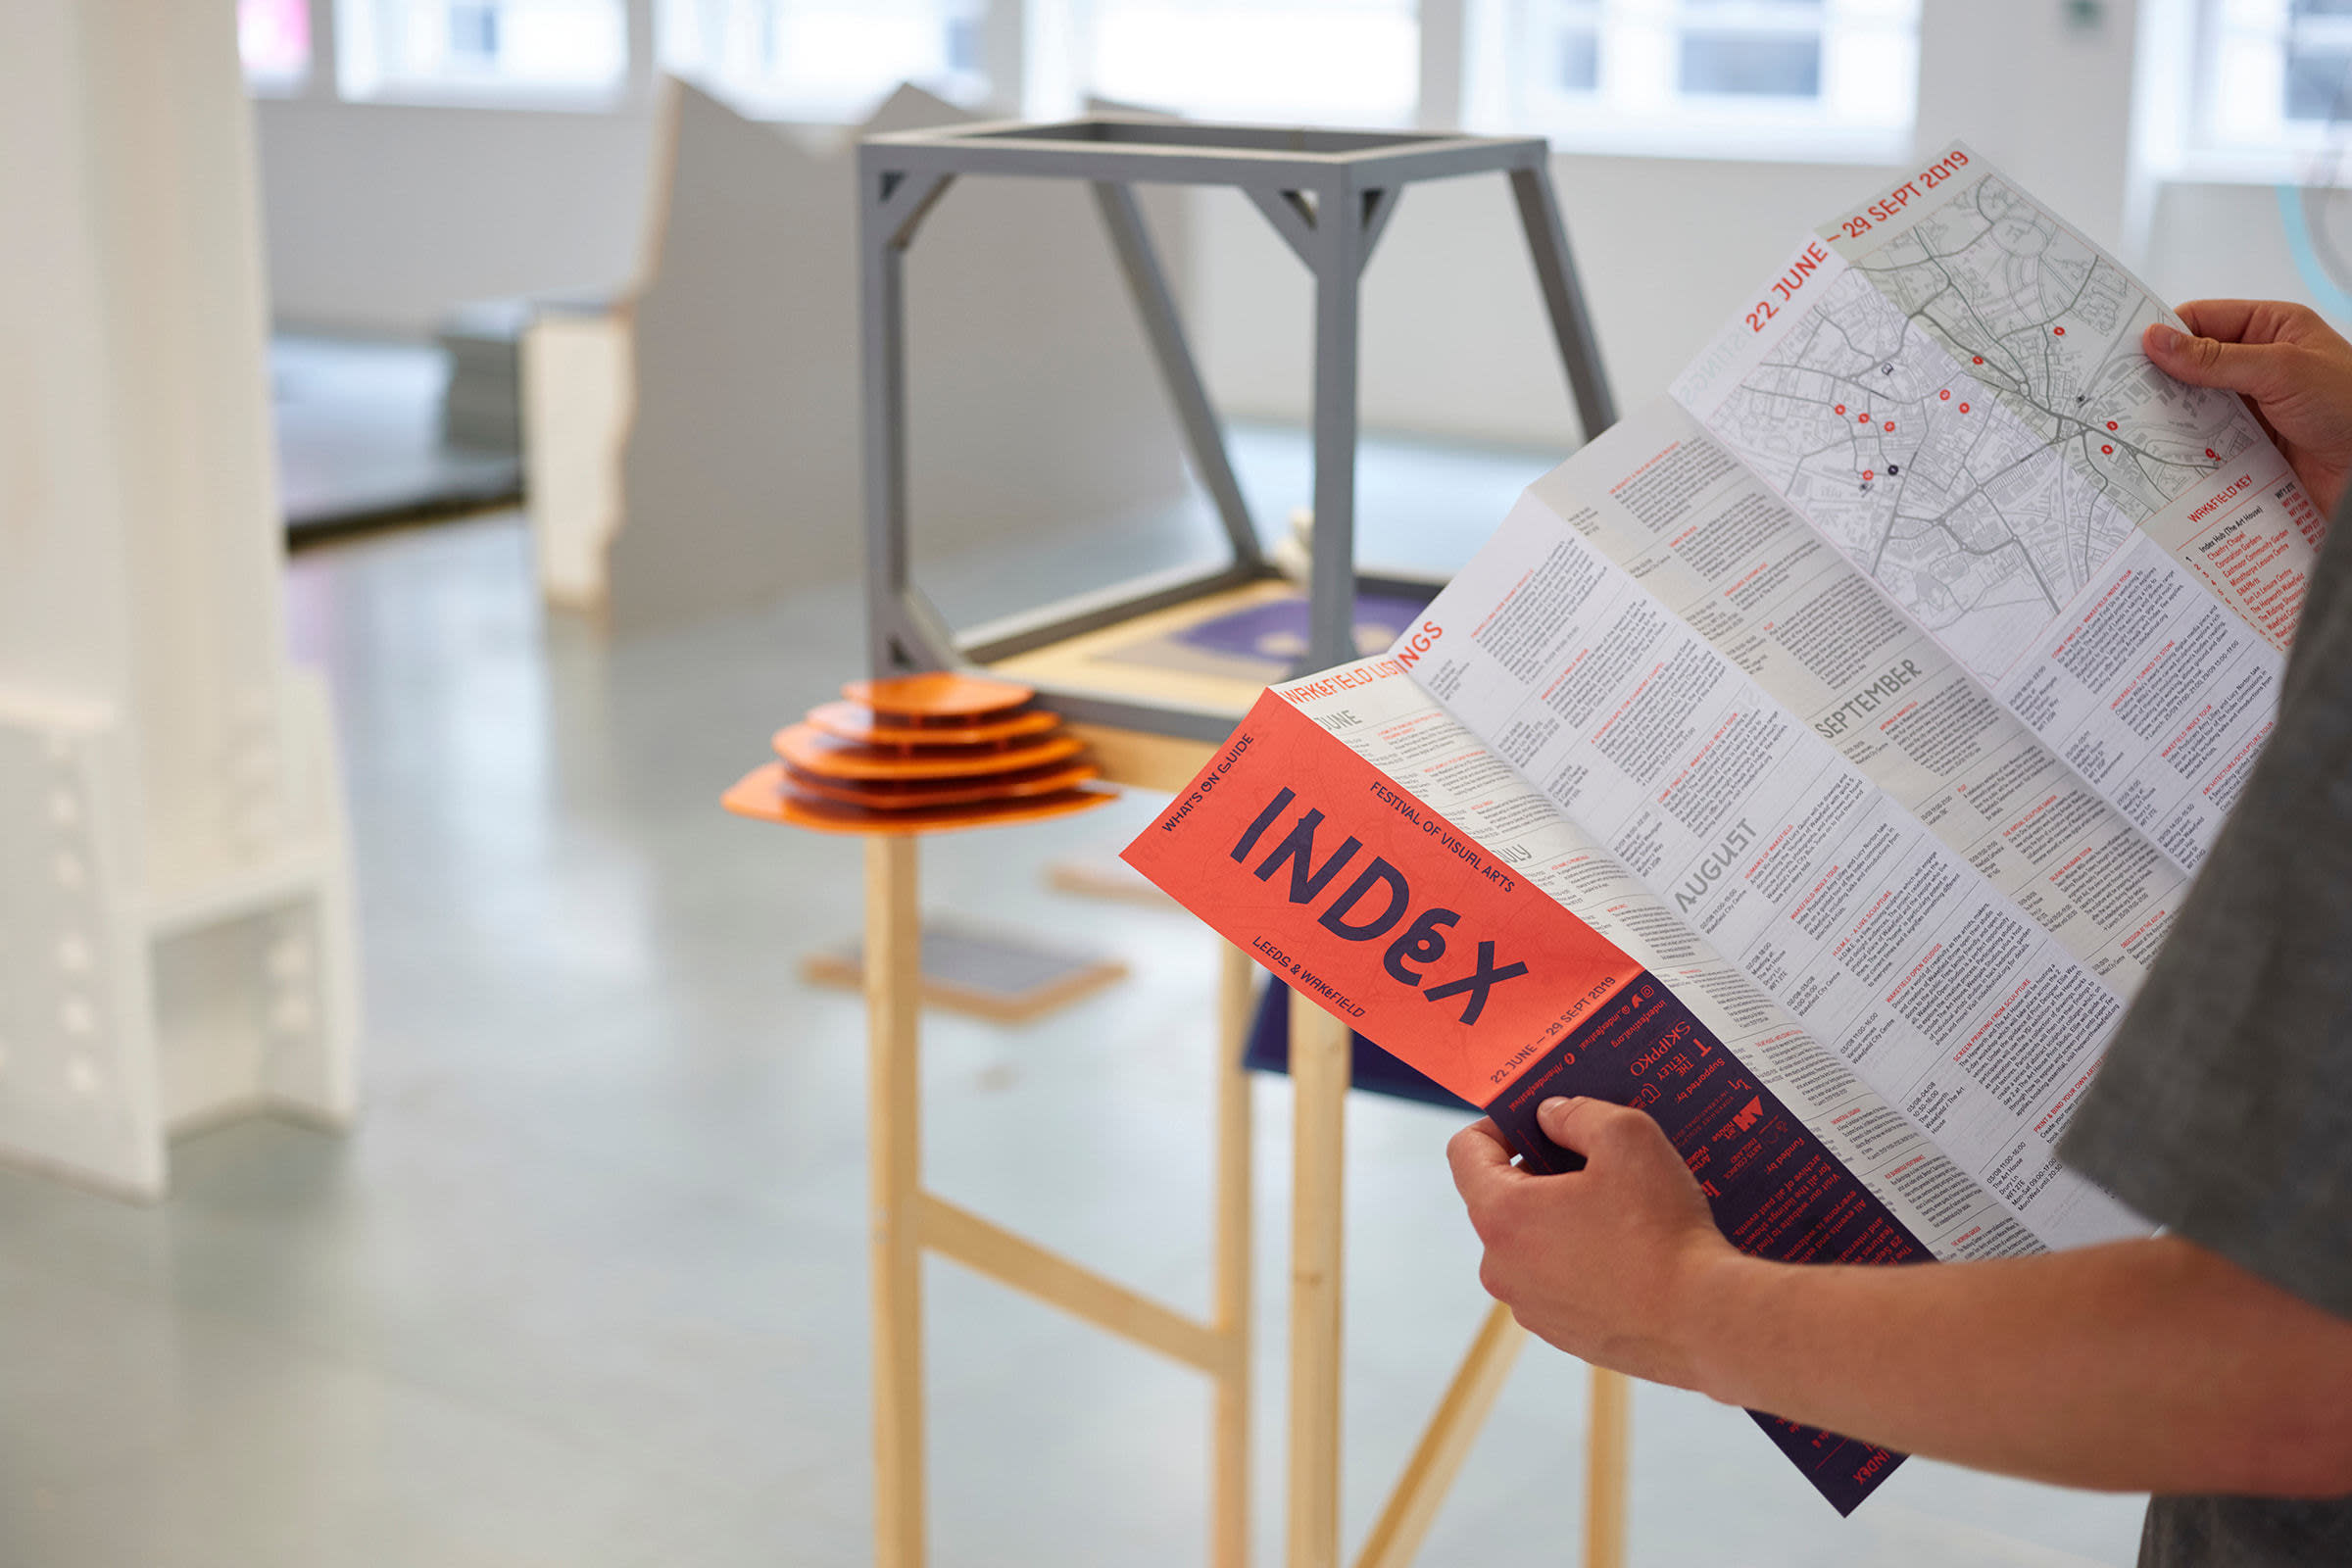 saul studio — Index Festival